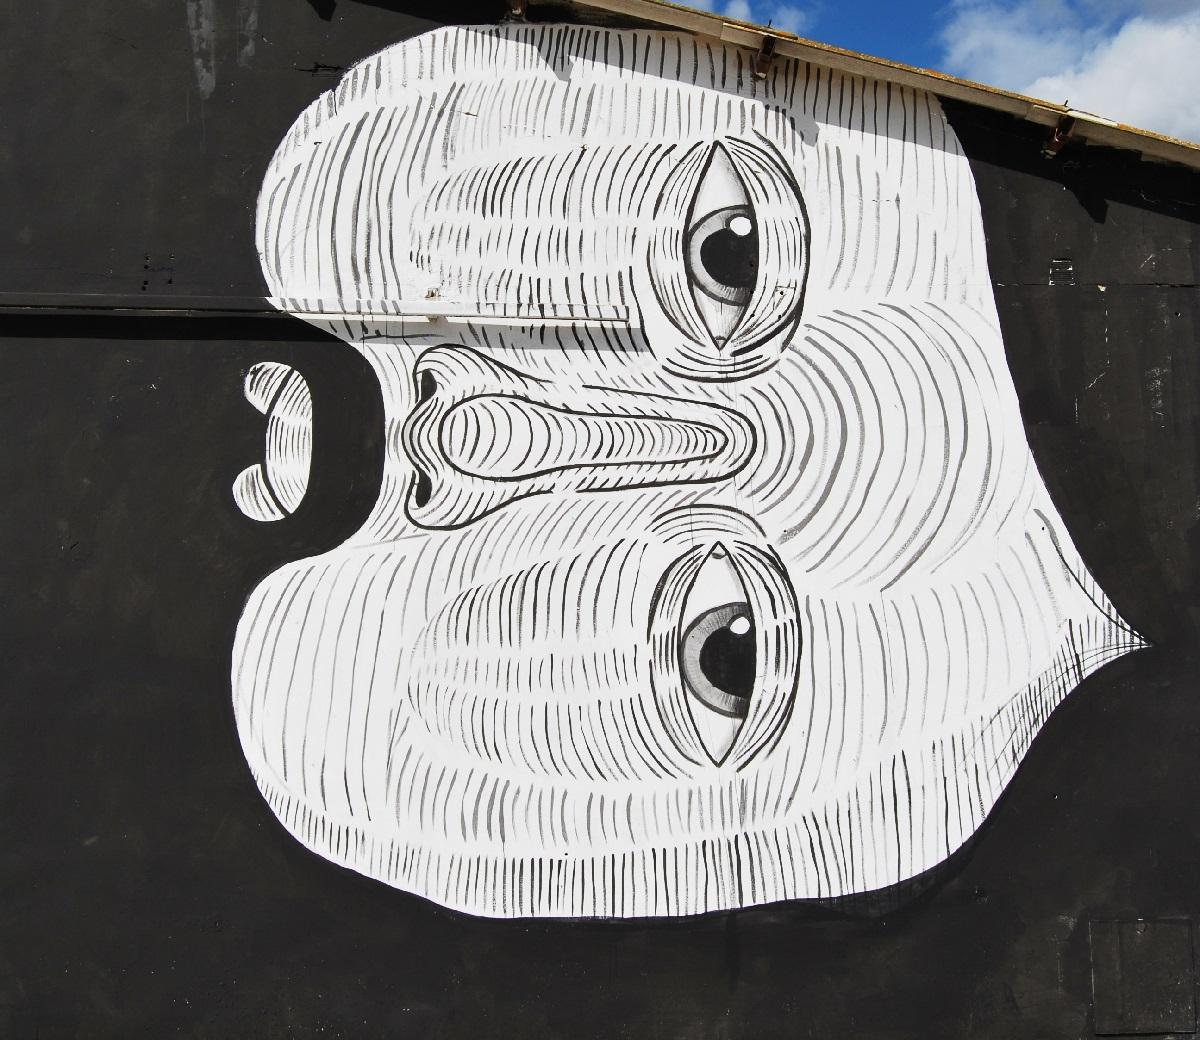 andrea-casciu-new-mural-at-campidarte-11